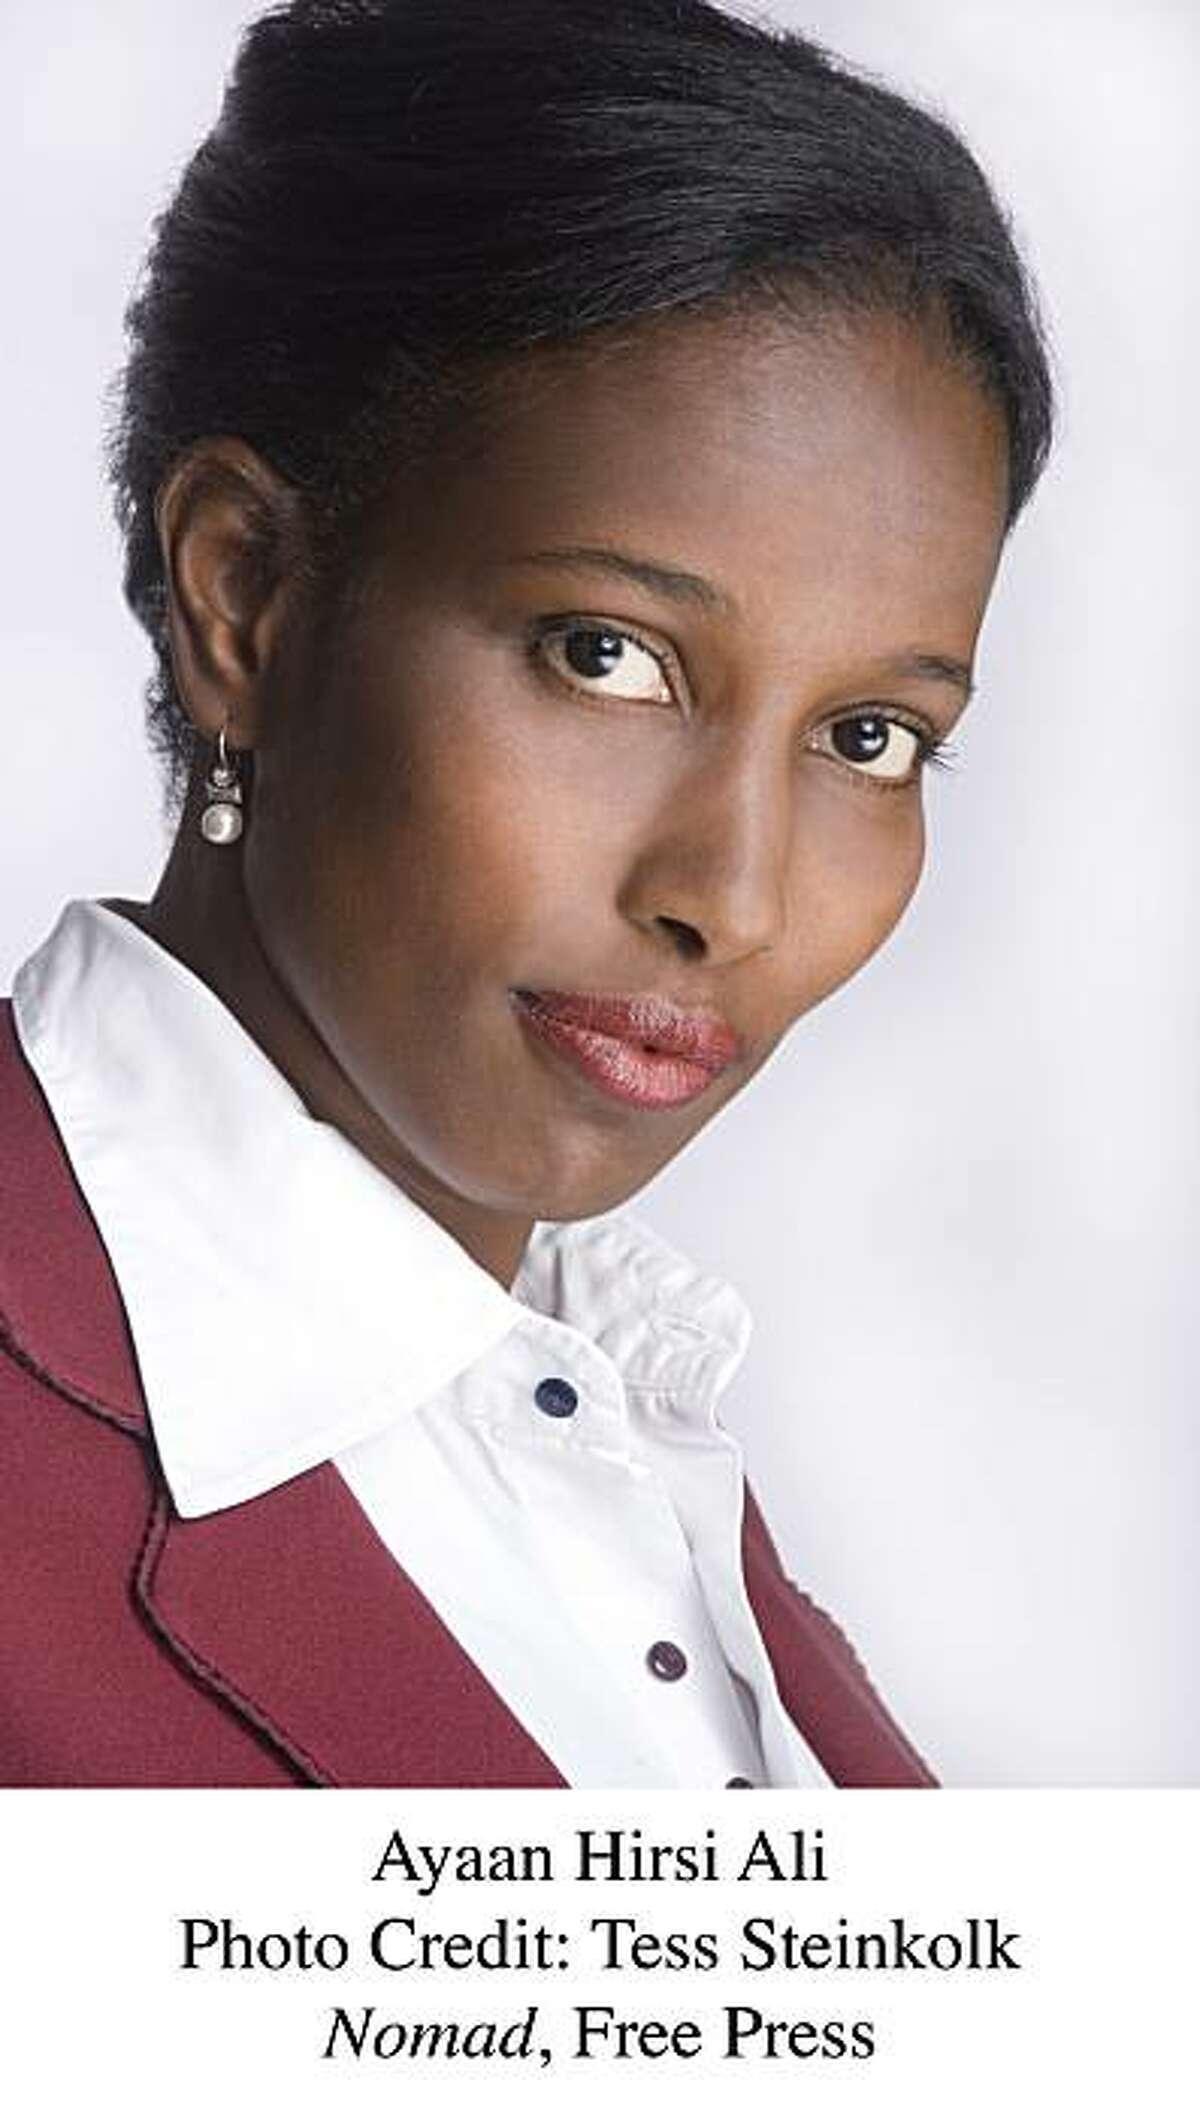 Ayaan Hirsi Ali, author of